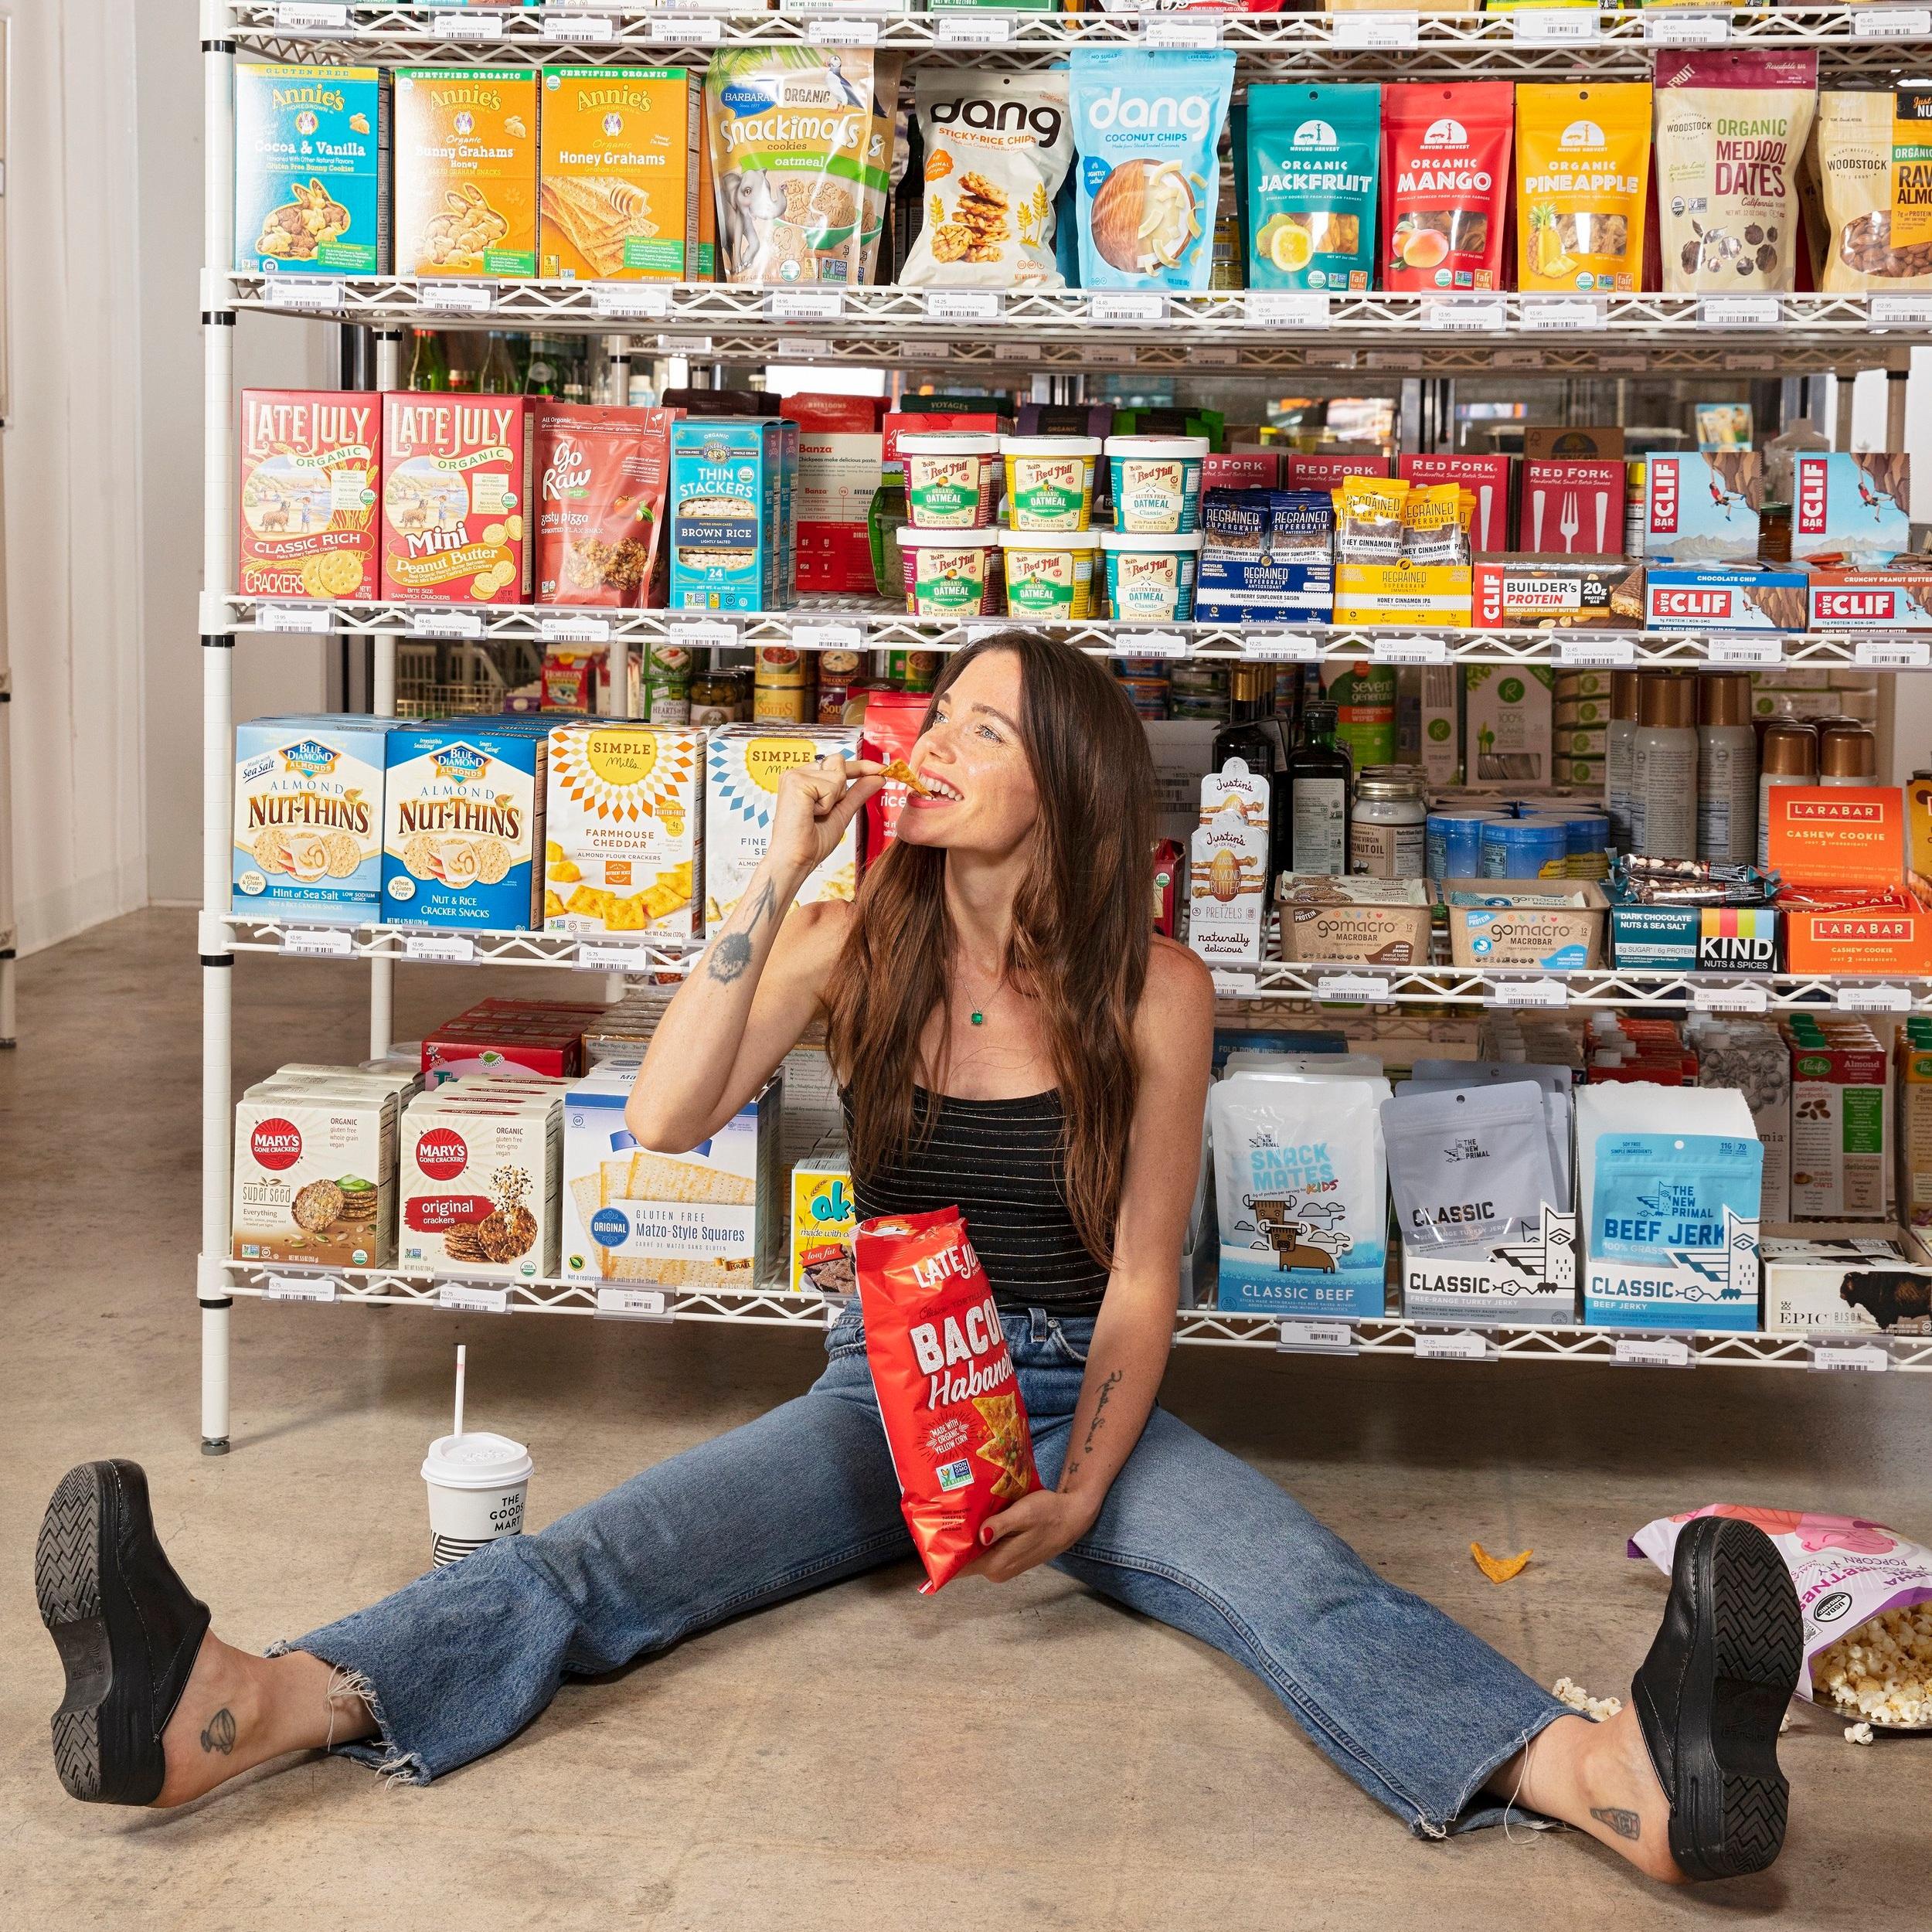 Rachel+Krupa+2+-+credit+Gregg+Segal.jpg